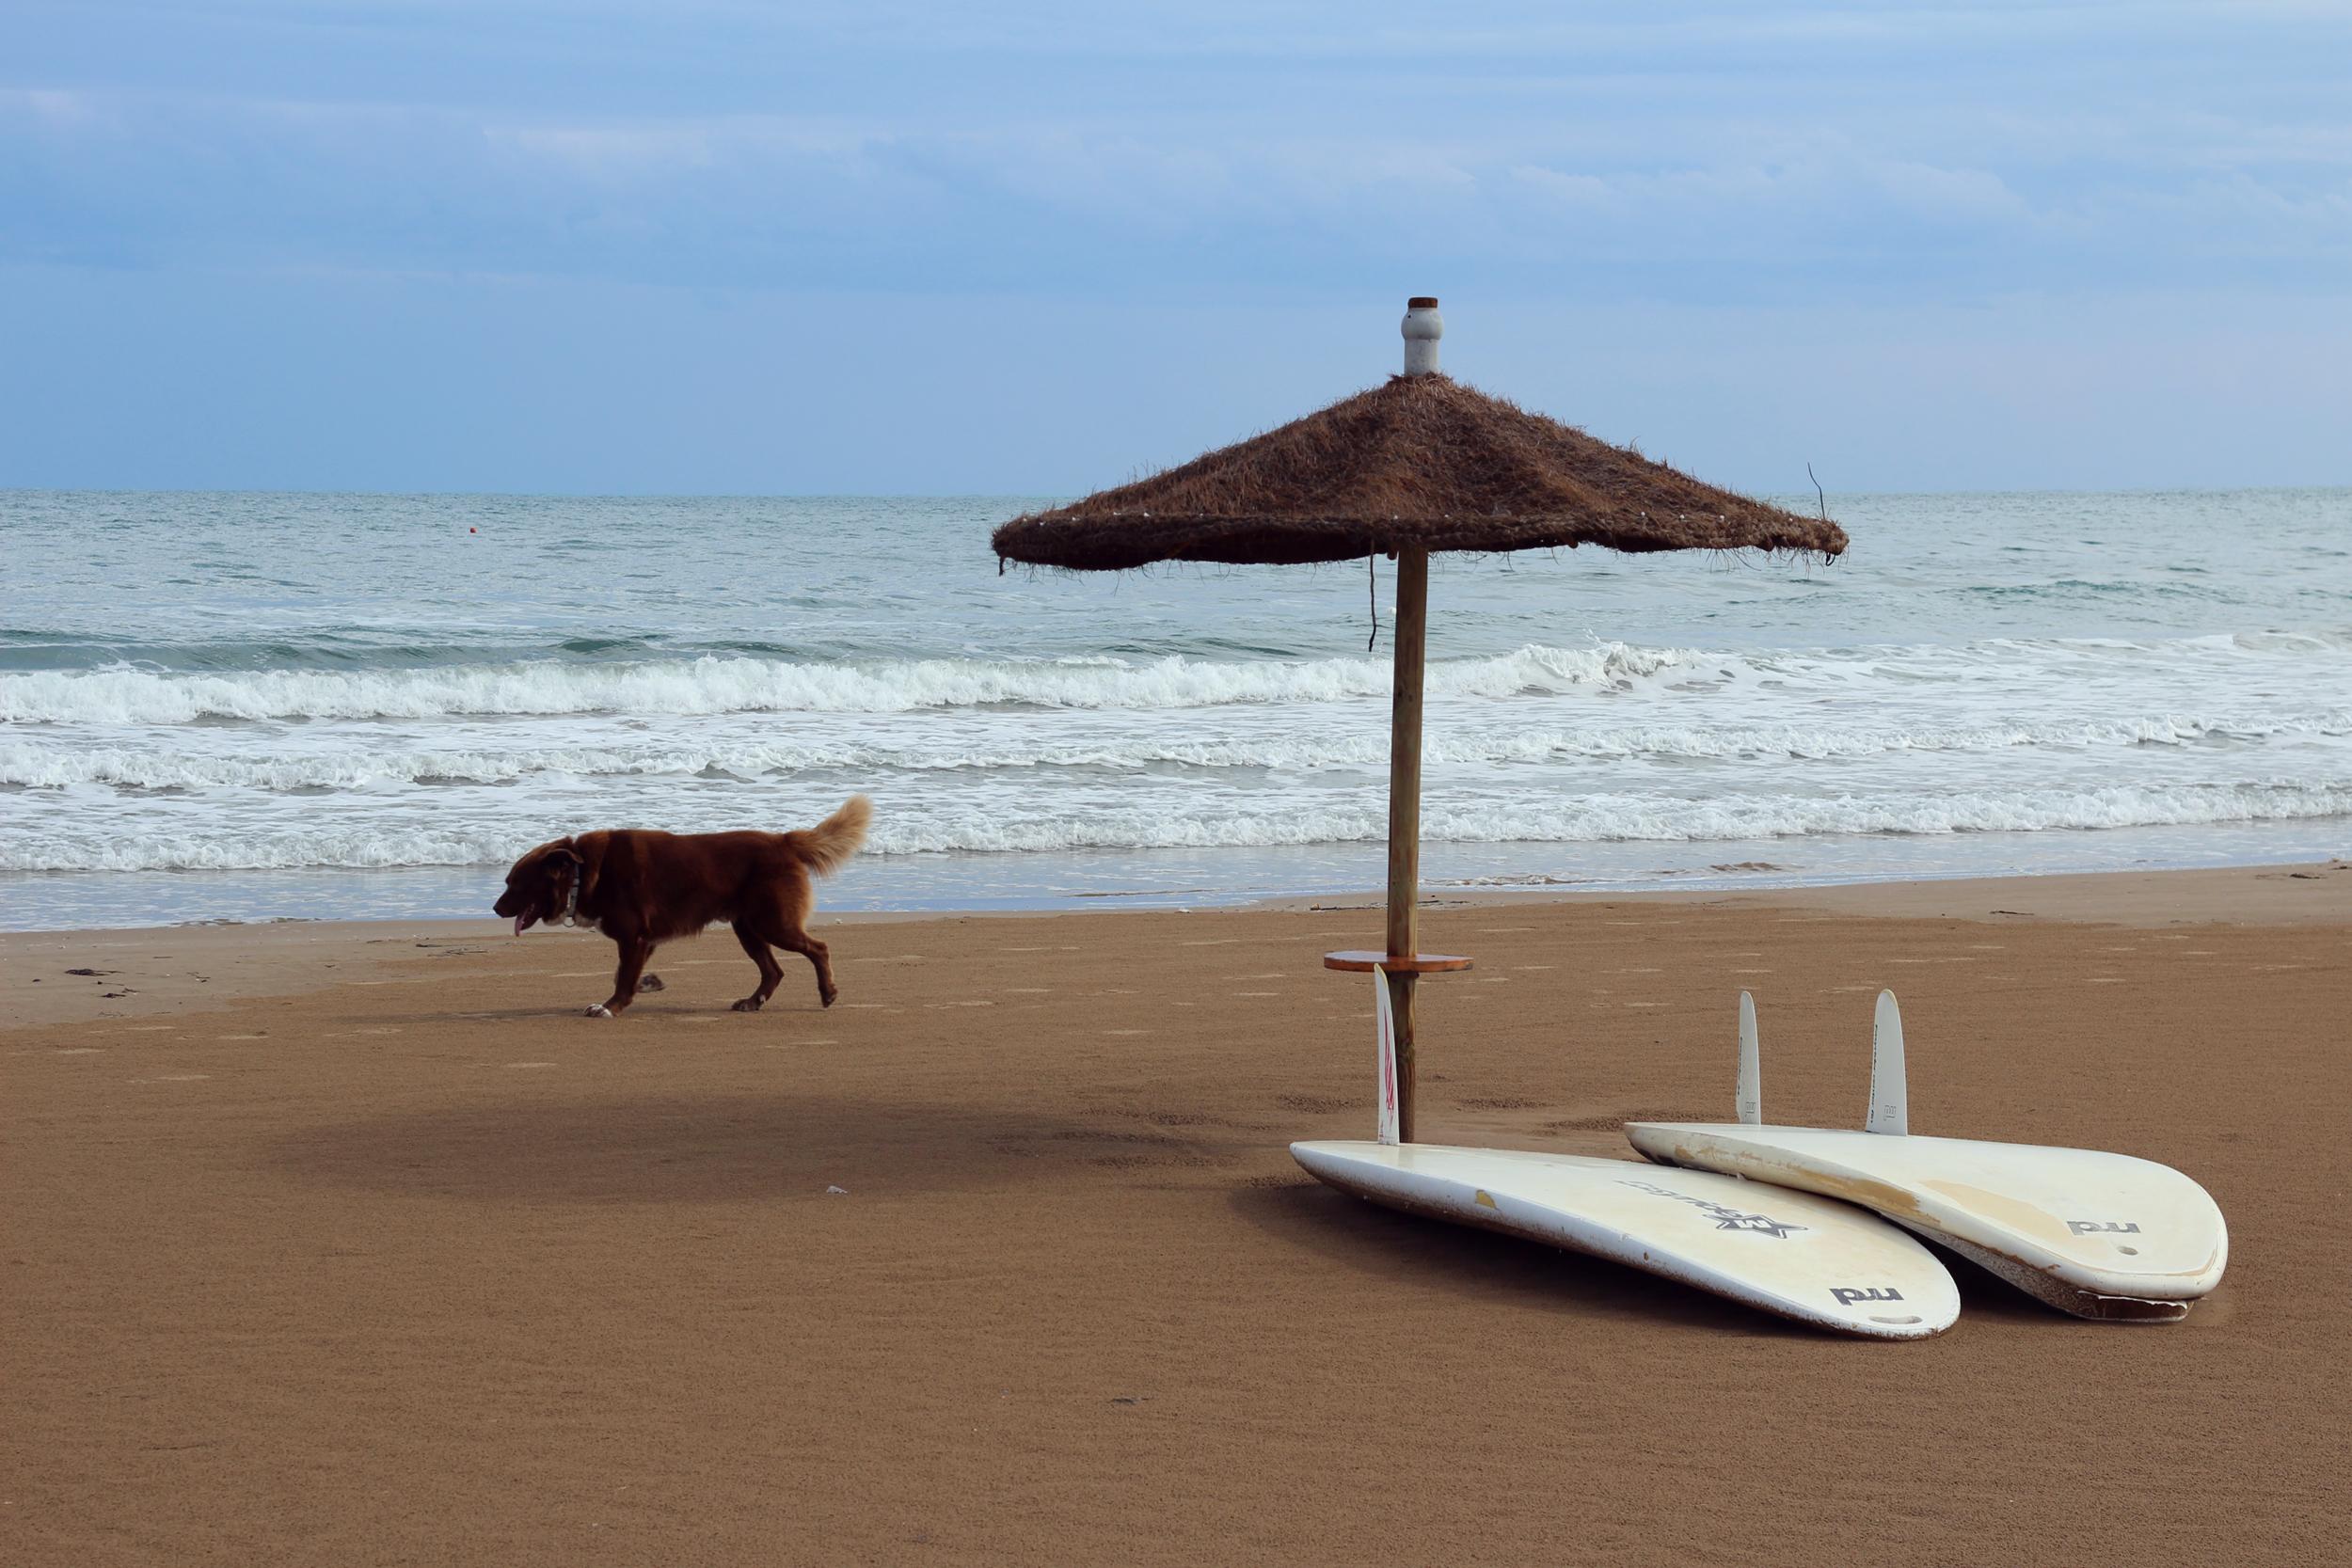 annaporter-adriatic-sea-viest-italy-italia-vacanza-mare-beach-Copy.jpg